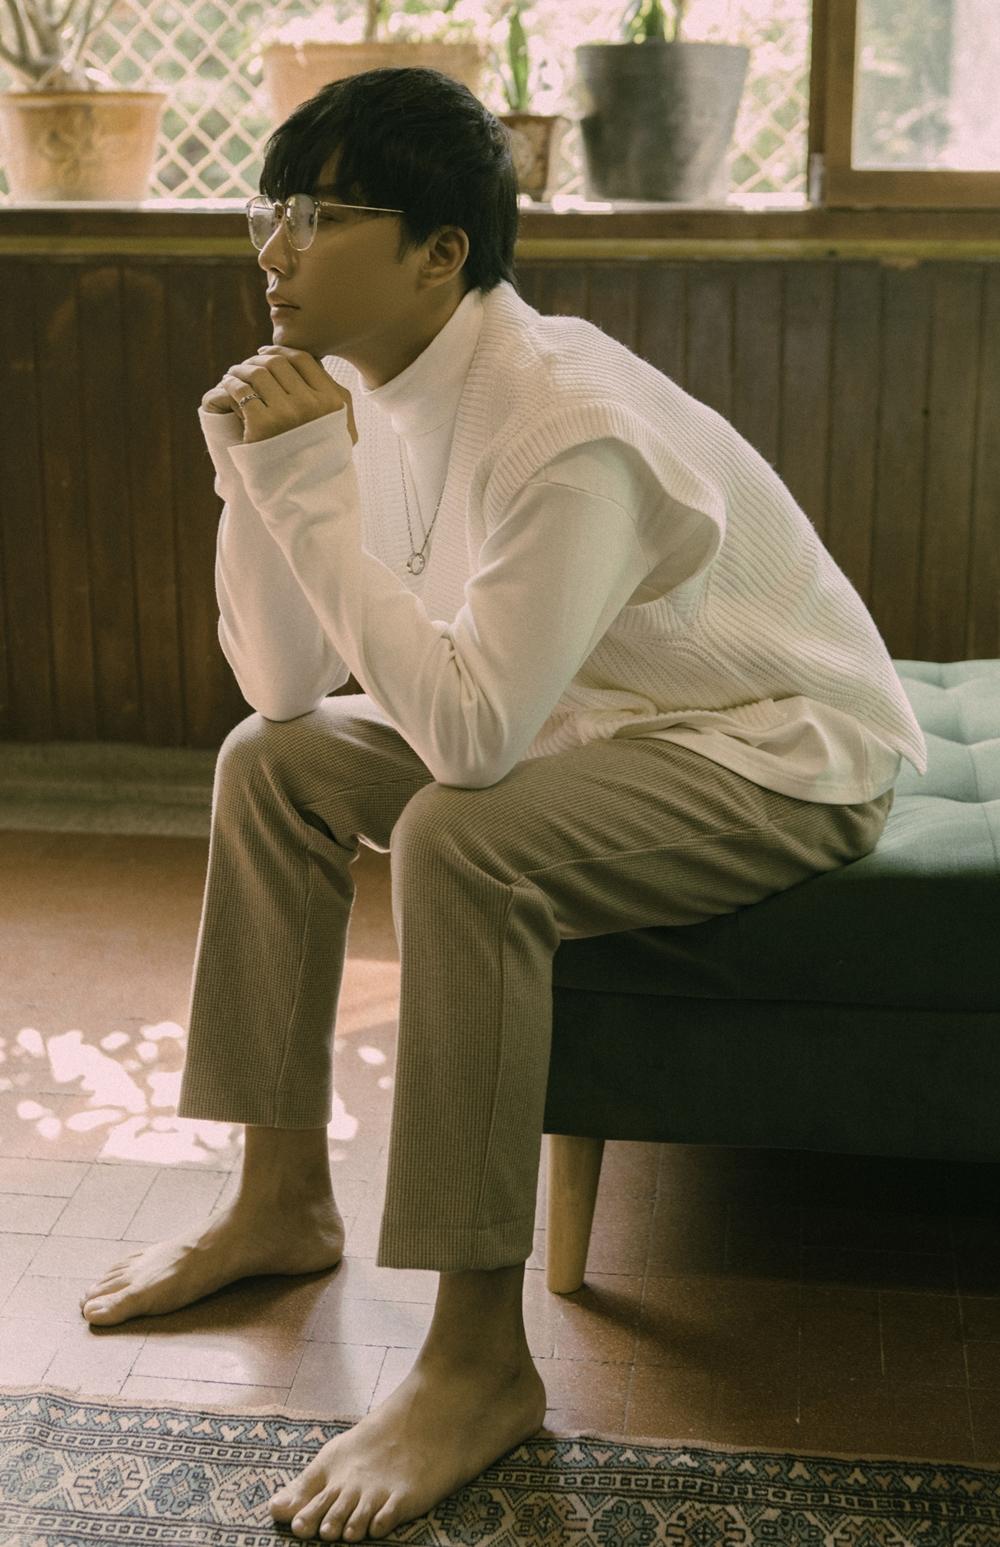 Không chọn cách debut khi có bàn đạp từ một cuộc thi, Chánh Tín tập trung học luyện thanh, kỹ năng diễn xuất để vững vàng đi đường dài. Anh chàng vừa cho ra mắt MV debut Vượt qua giới hạn, kết hợp cùng nhạc sĩ hit-maker Vương Anh Tú.